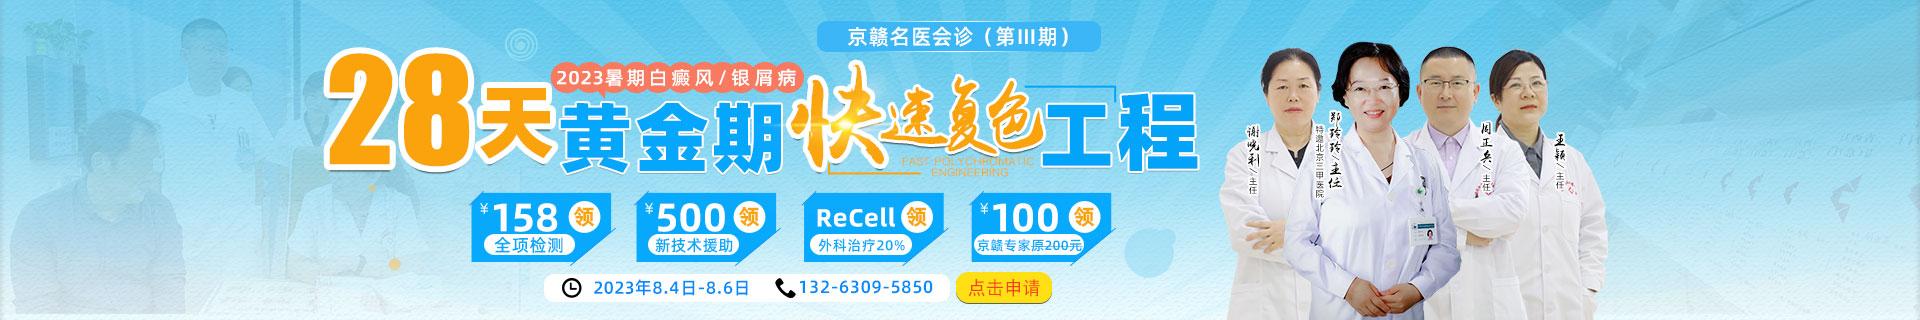 江西南昌银屑病医院